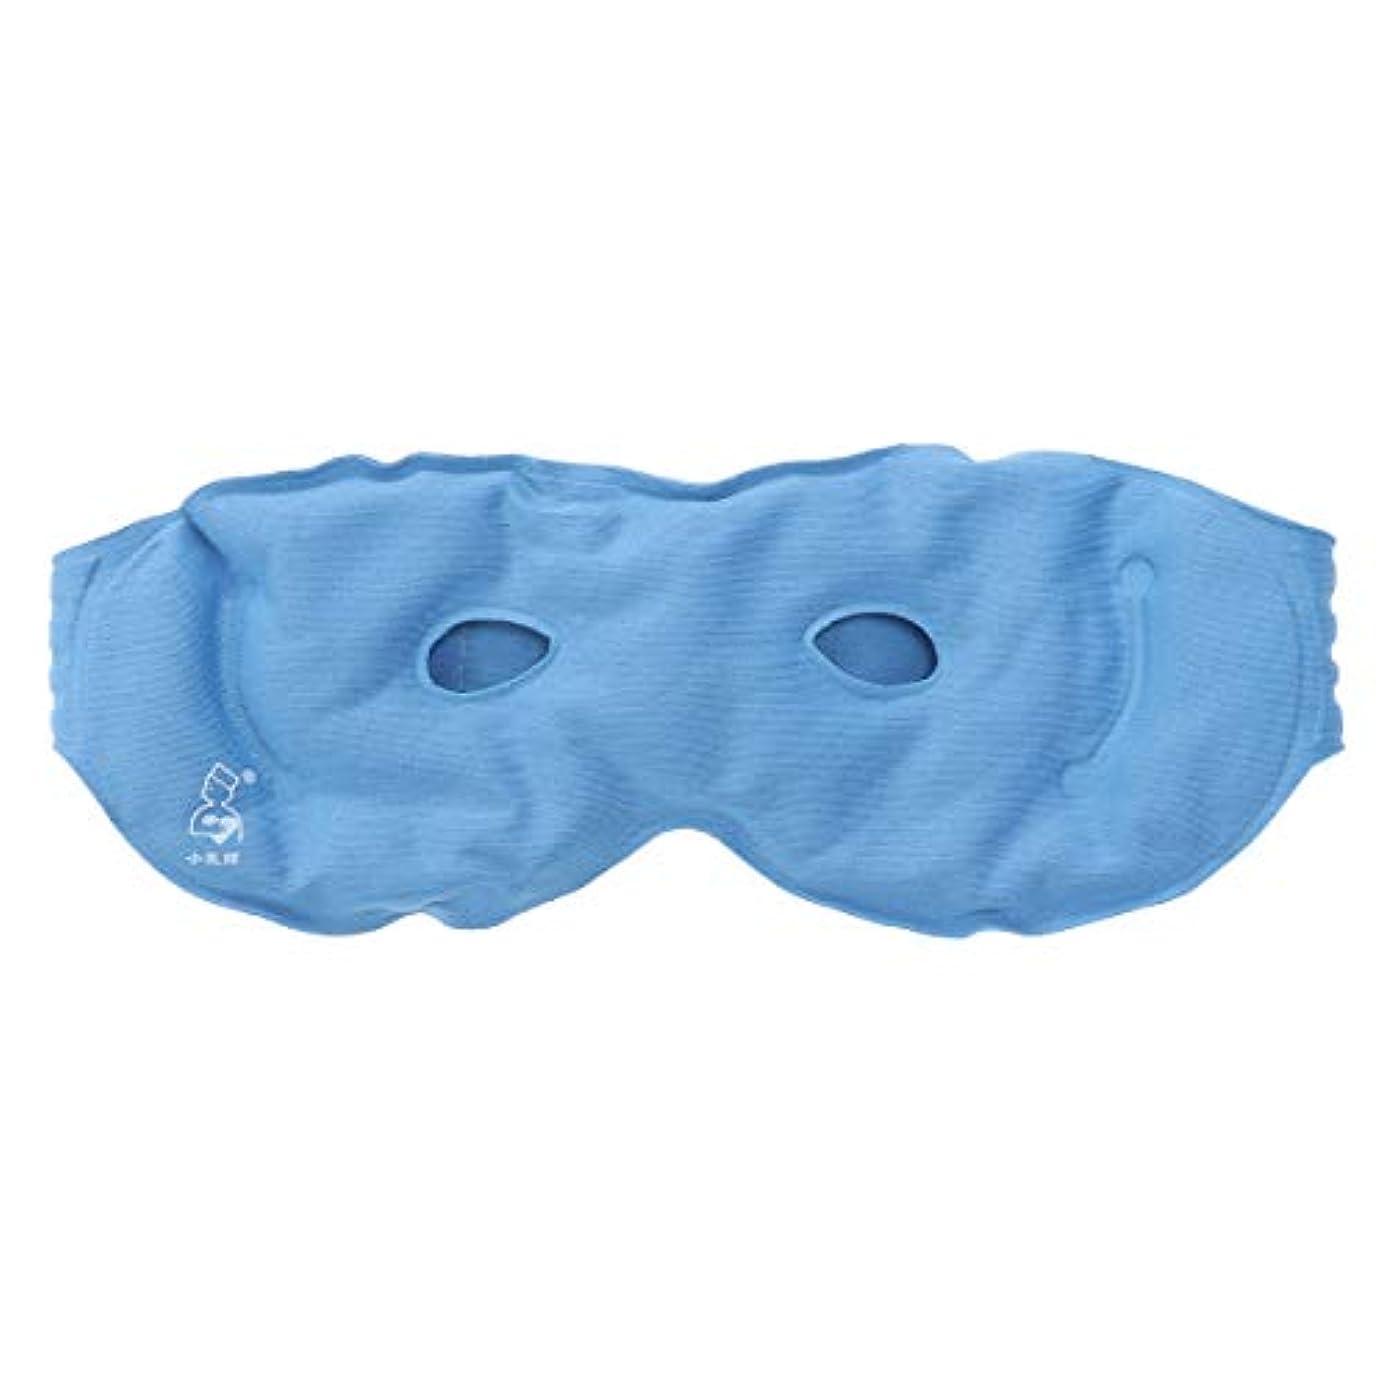 適度なプレビスサイト見込みHealifty 冷やすアイマスクアイスコンプレッションバッグリラックス救済痛(青)